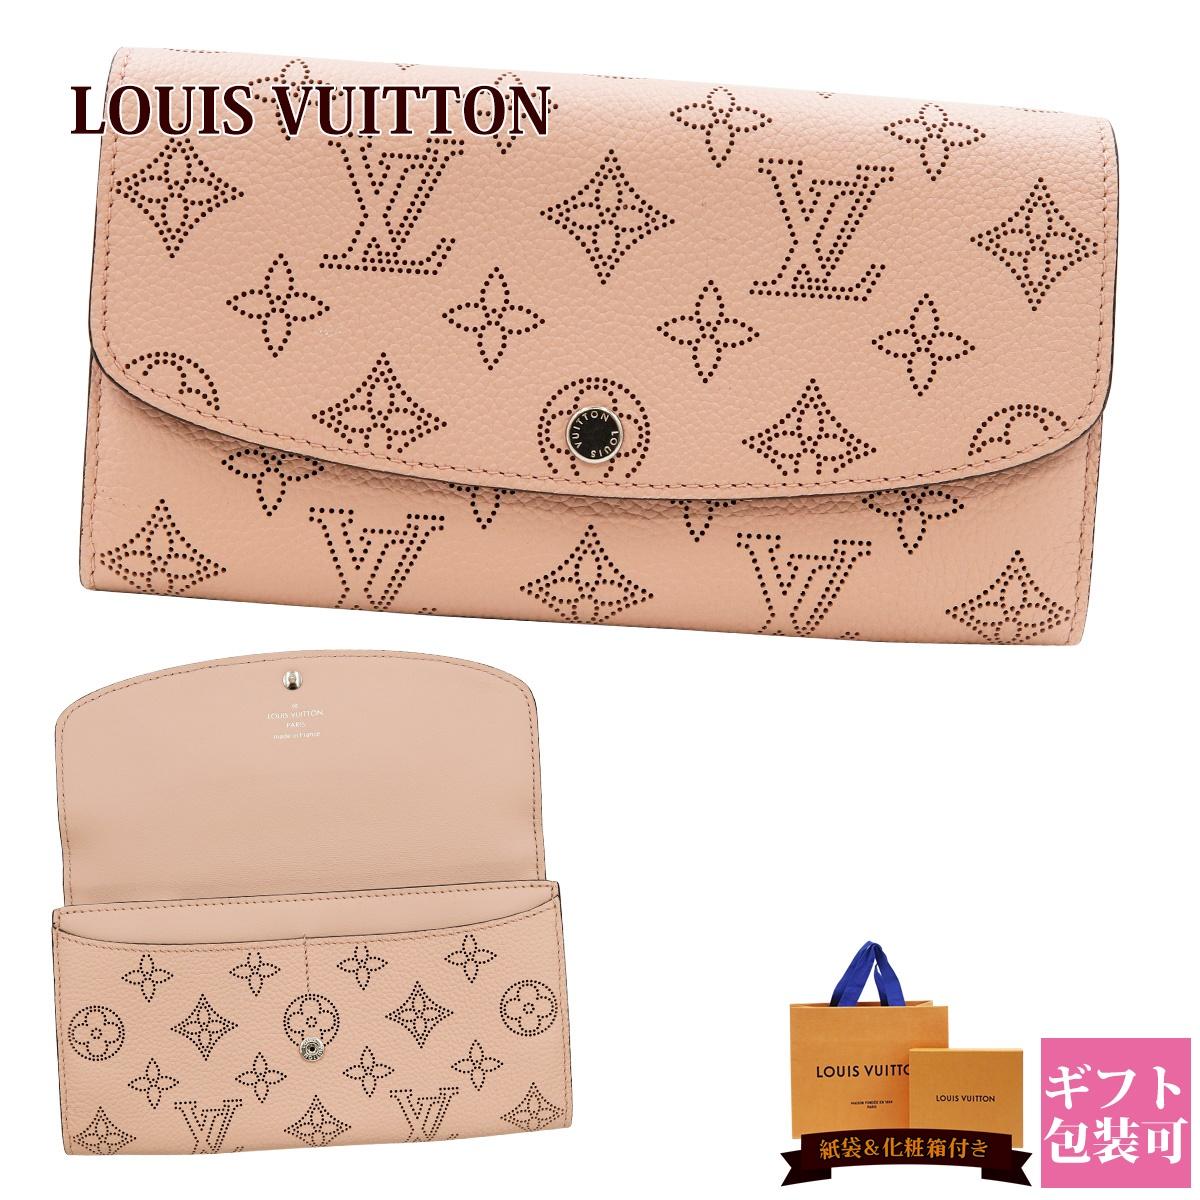 LOUISVUITTON ルイヴィトン ヴィトン 財布 長財布 新品 レディース 二つ折り ポルトフォイユ・イリス 正規品 M60145 ギフト ホワイトデー プレゼント